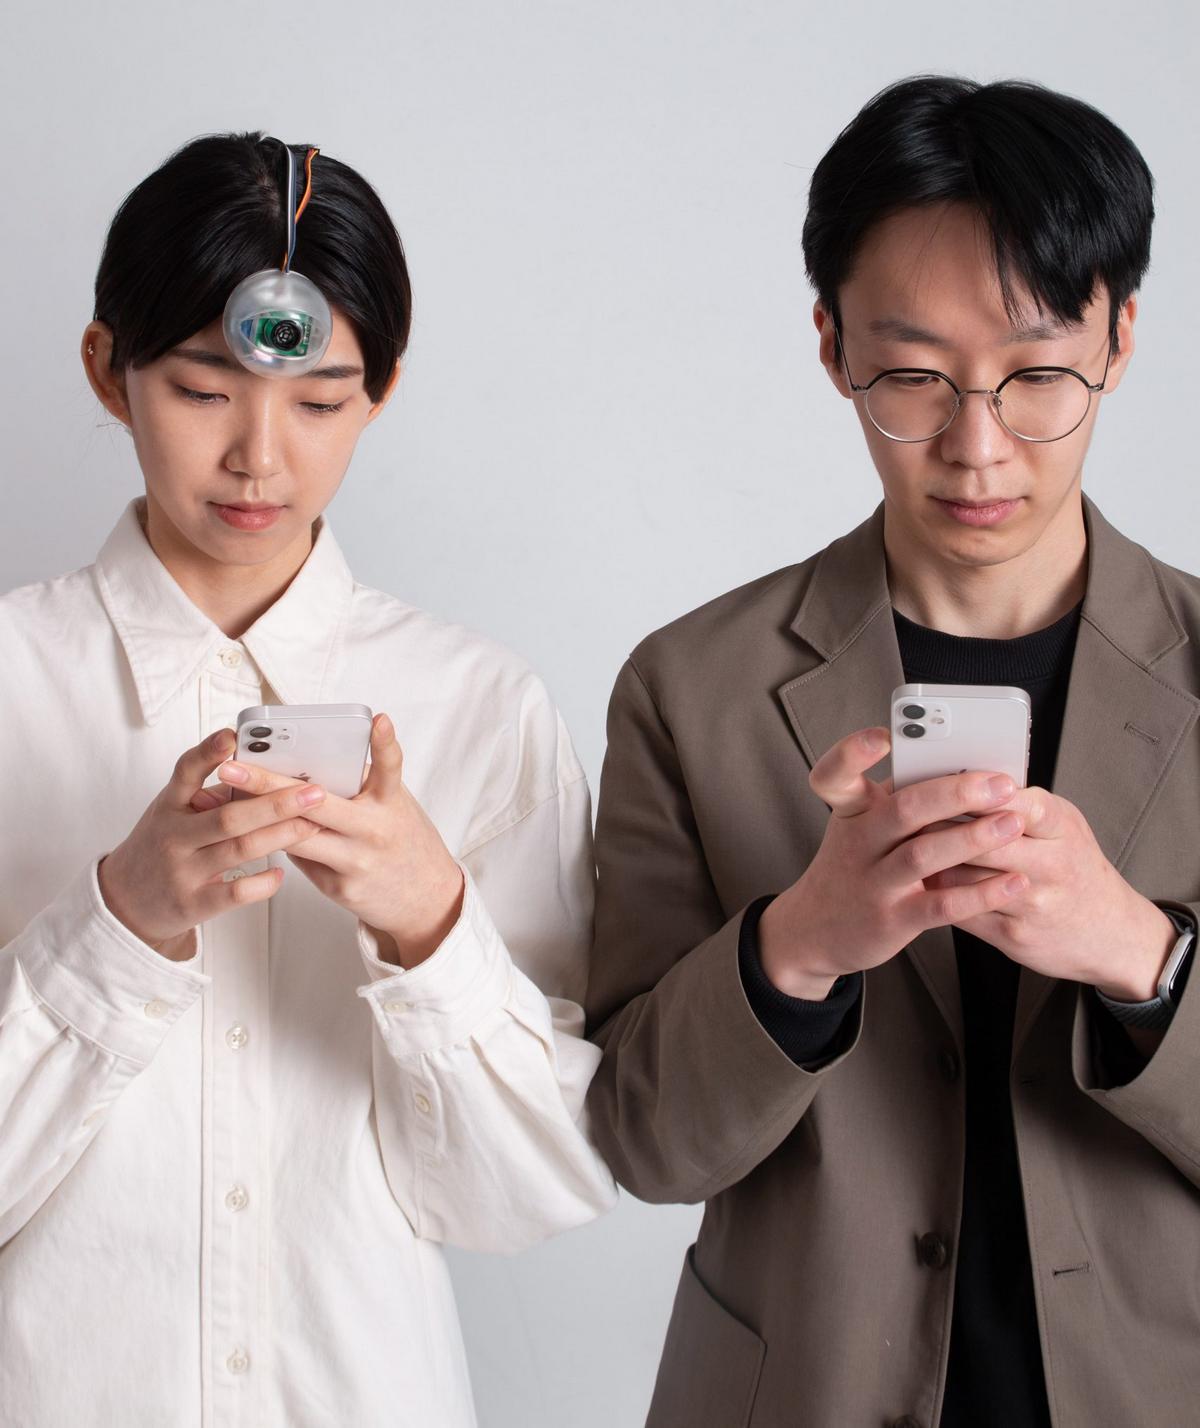 Con mắt robot dính trước trán này sẽ cho phép bạn vừa đi bộ vừa bấm điện thoại - Ảnh 3.